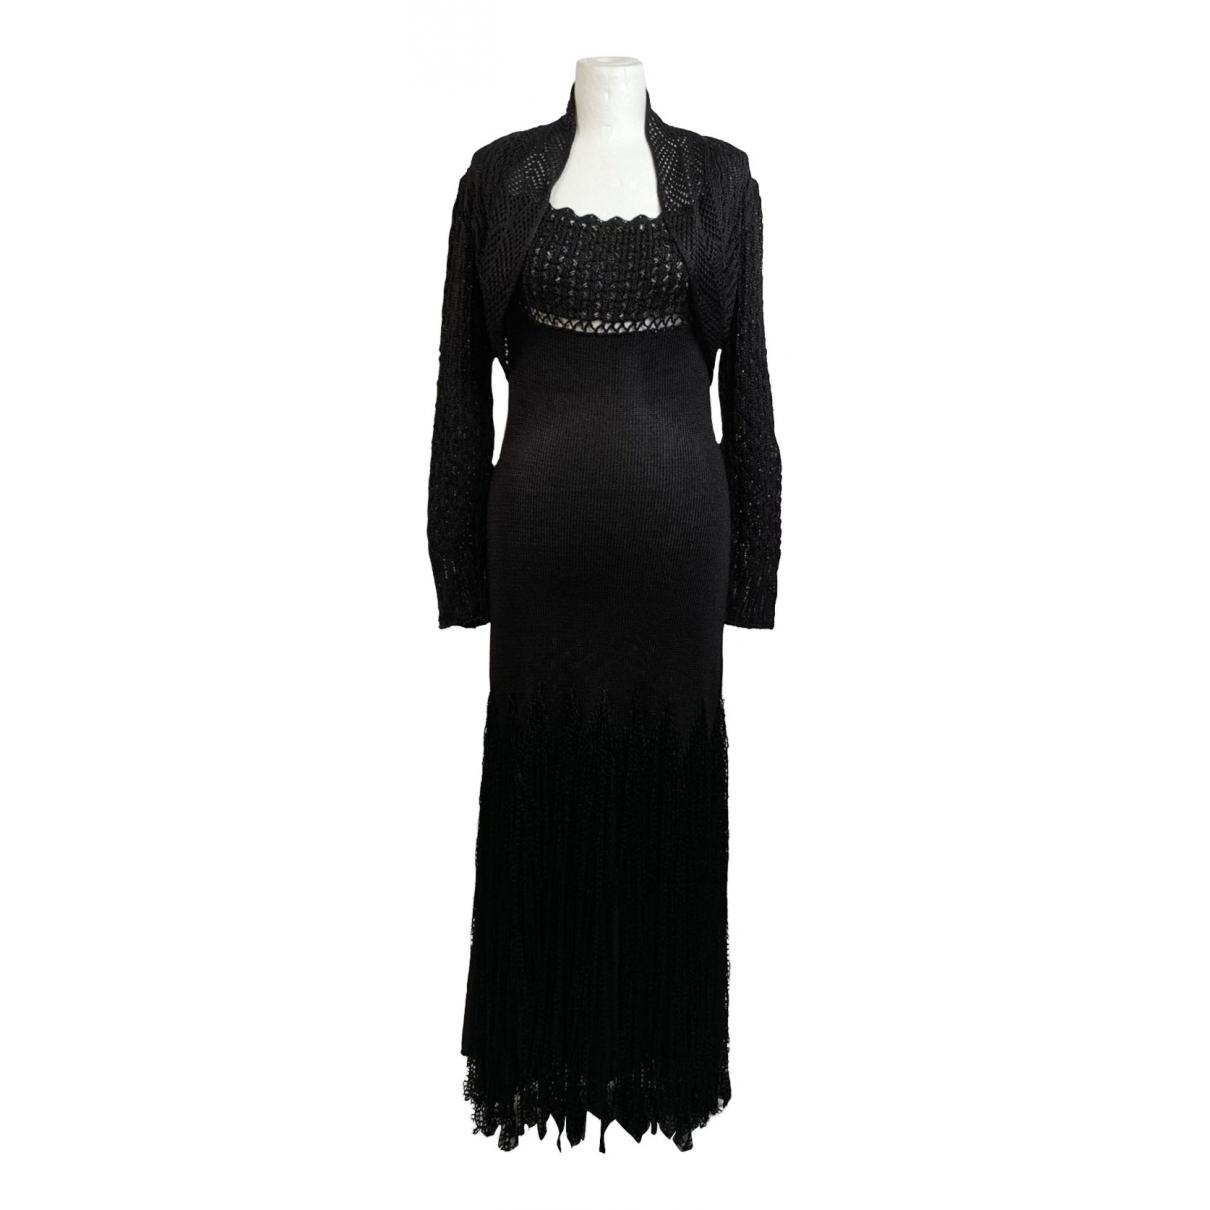 Christian Lacroix \N Black dress for Women 36 FR